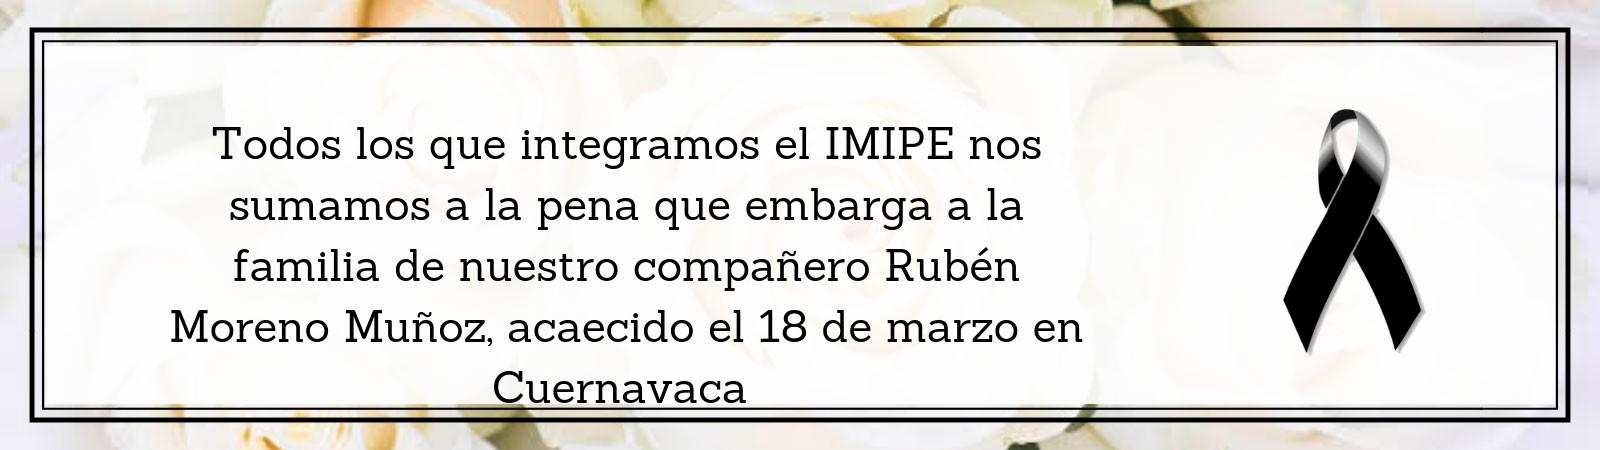 Banner con motivo del fallecimiento del C.P. Ruben Moreno